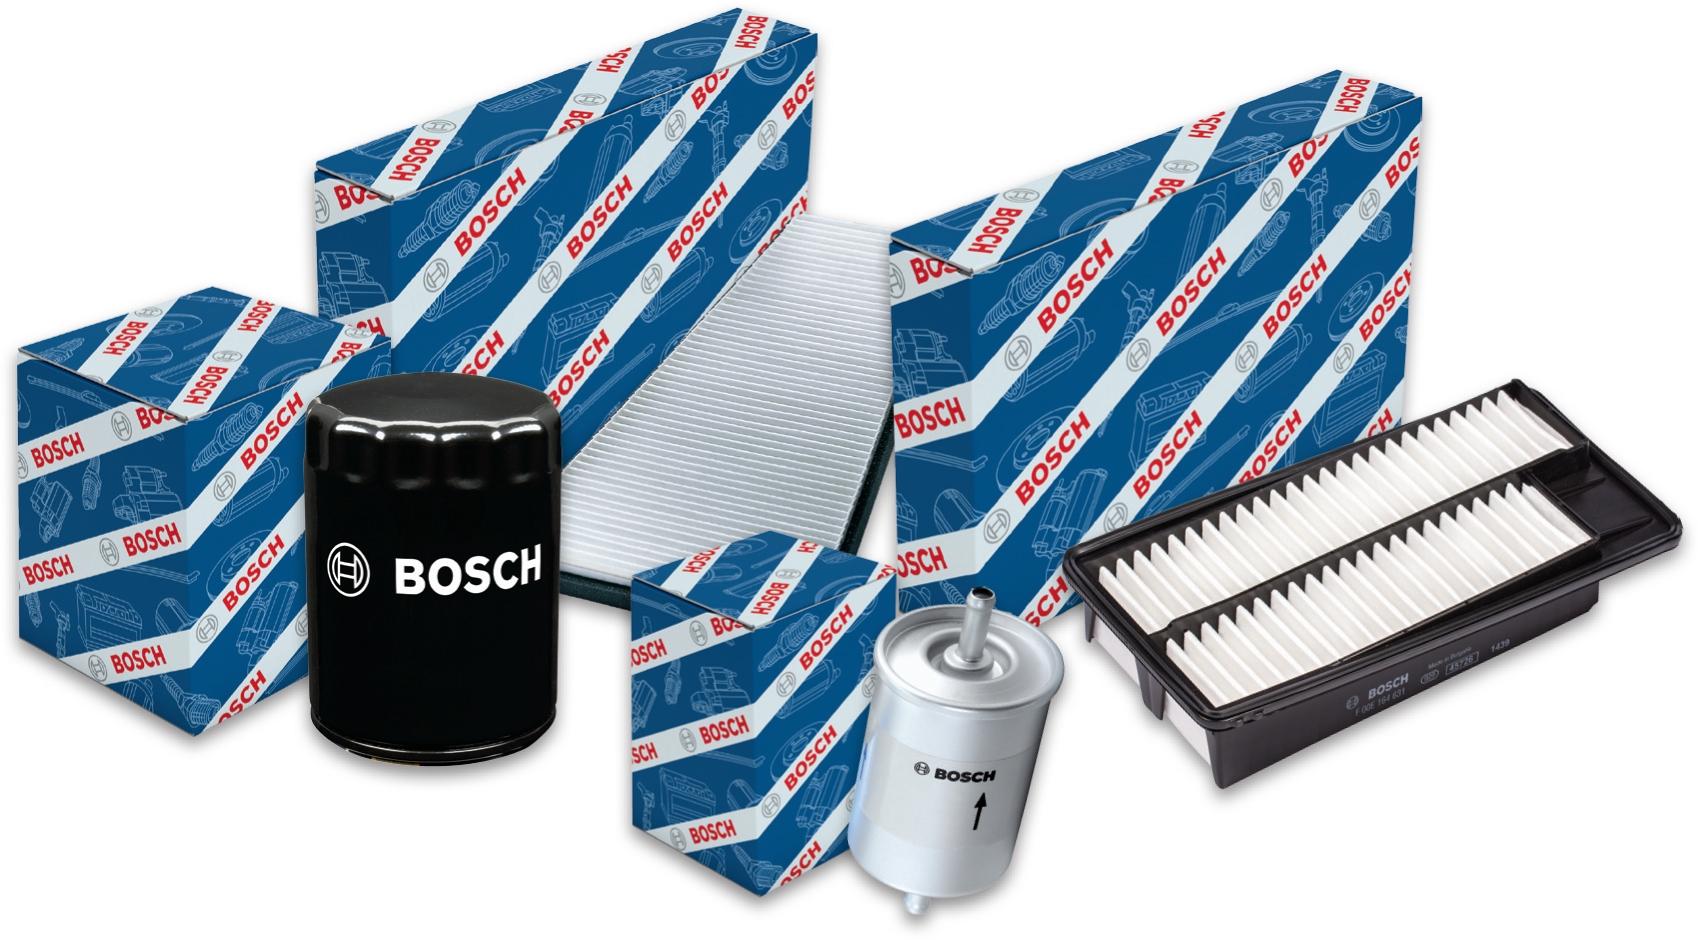 Bosch unveils engine air filters